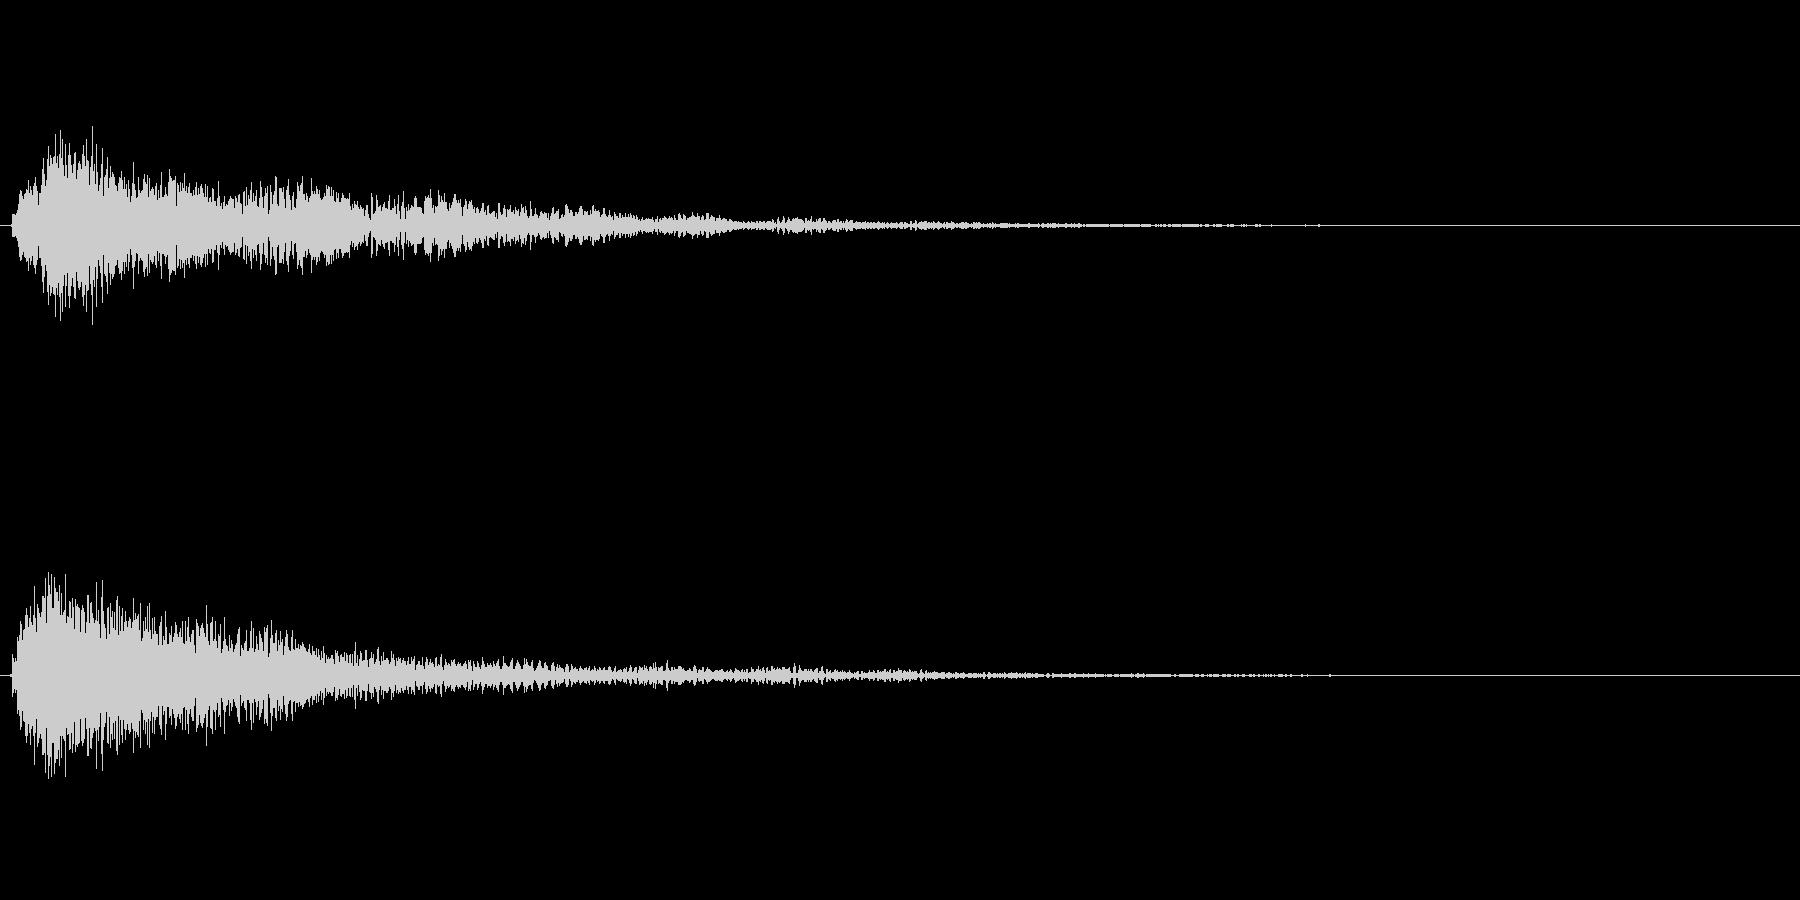 キラキラ系_097の未再生の波形